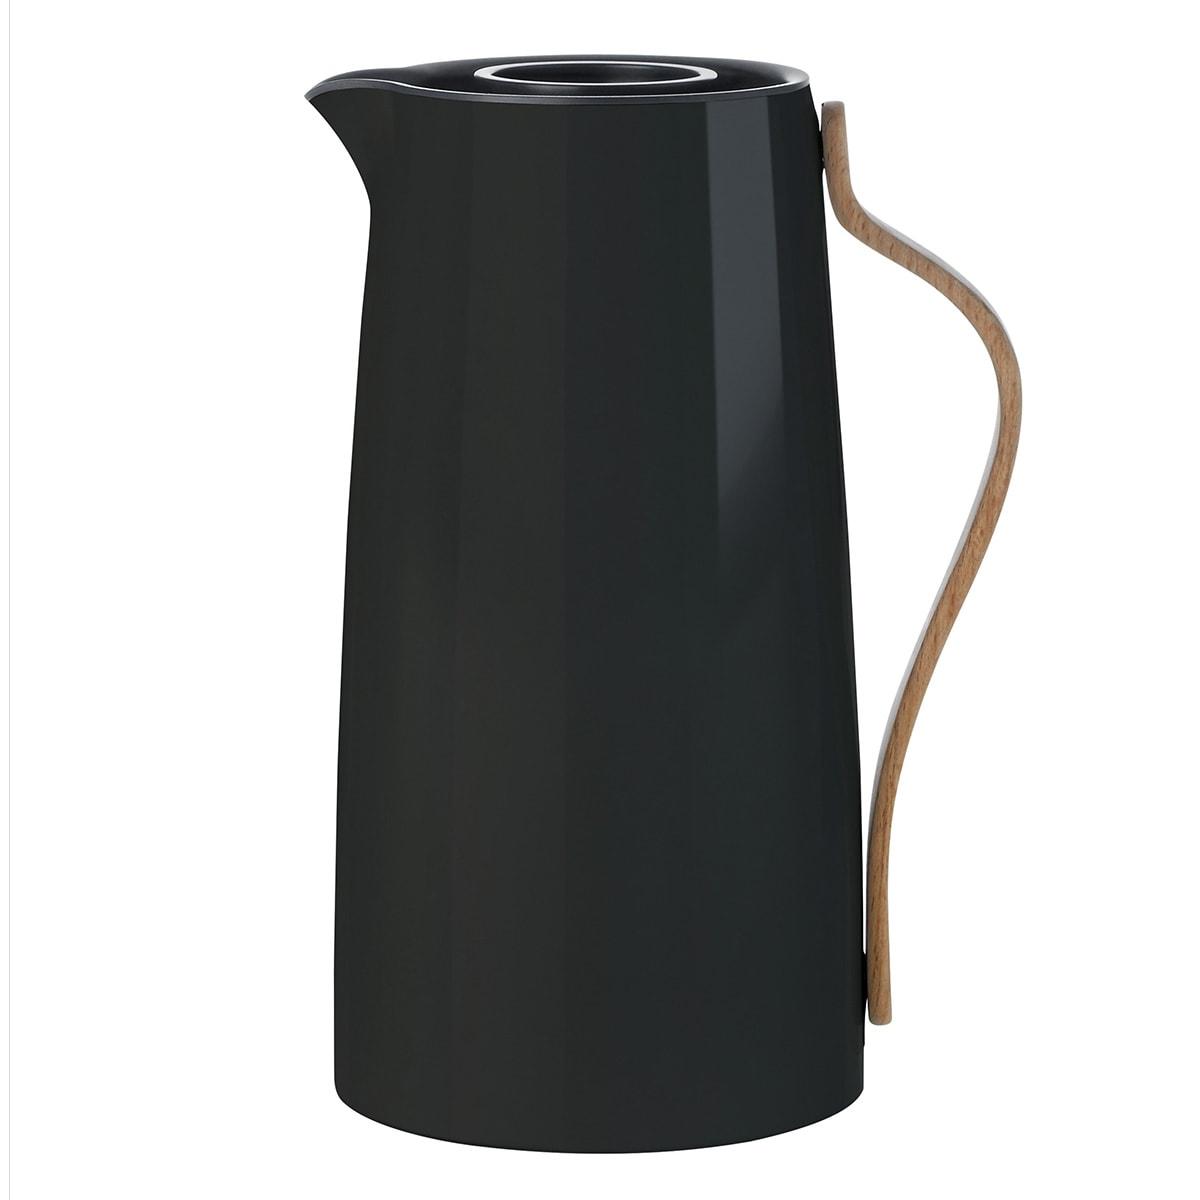 1,2 liter - Elegant nordisk design